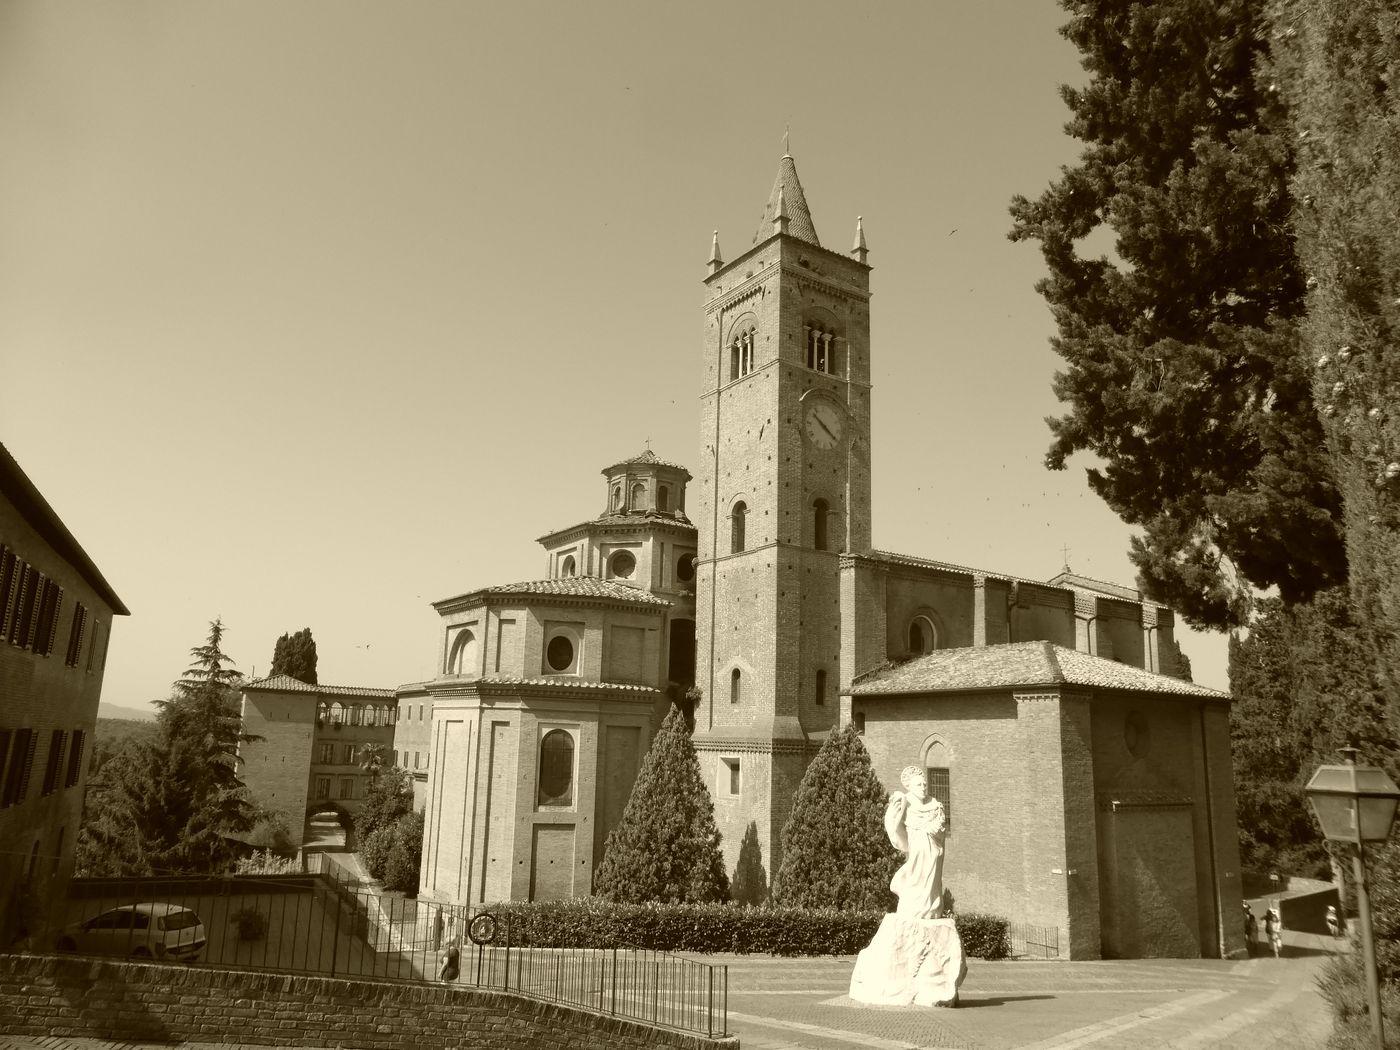 Ab di Monte Oliveto Maggiore